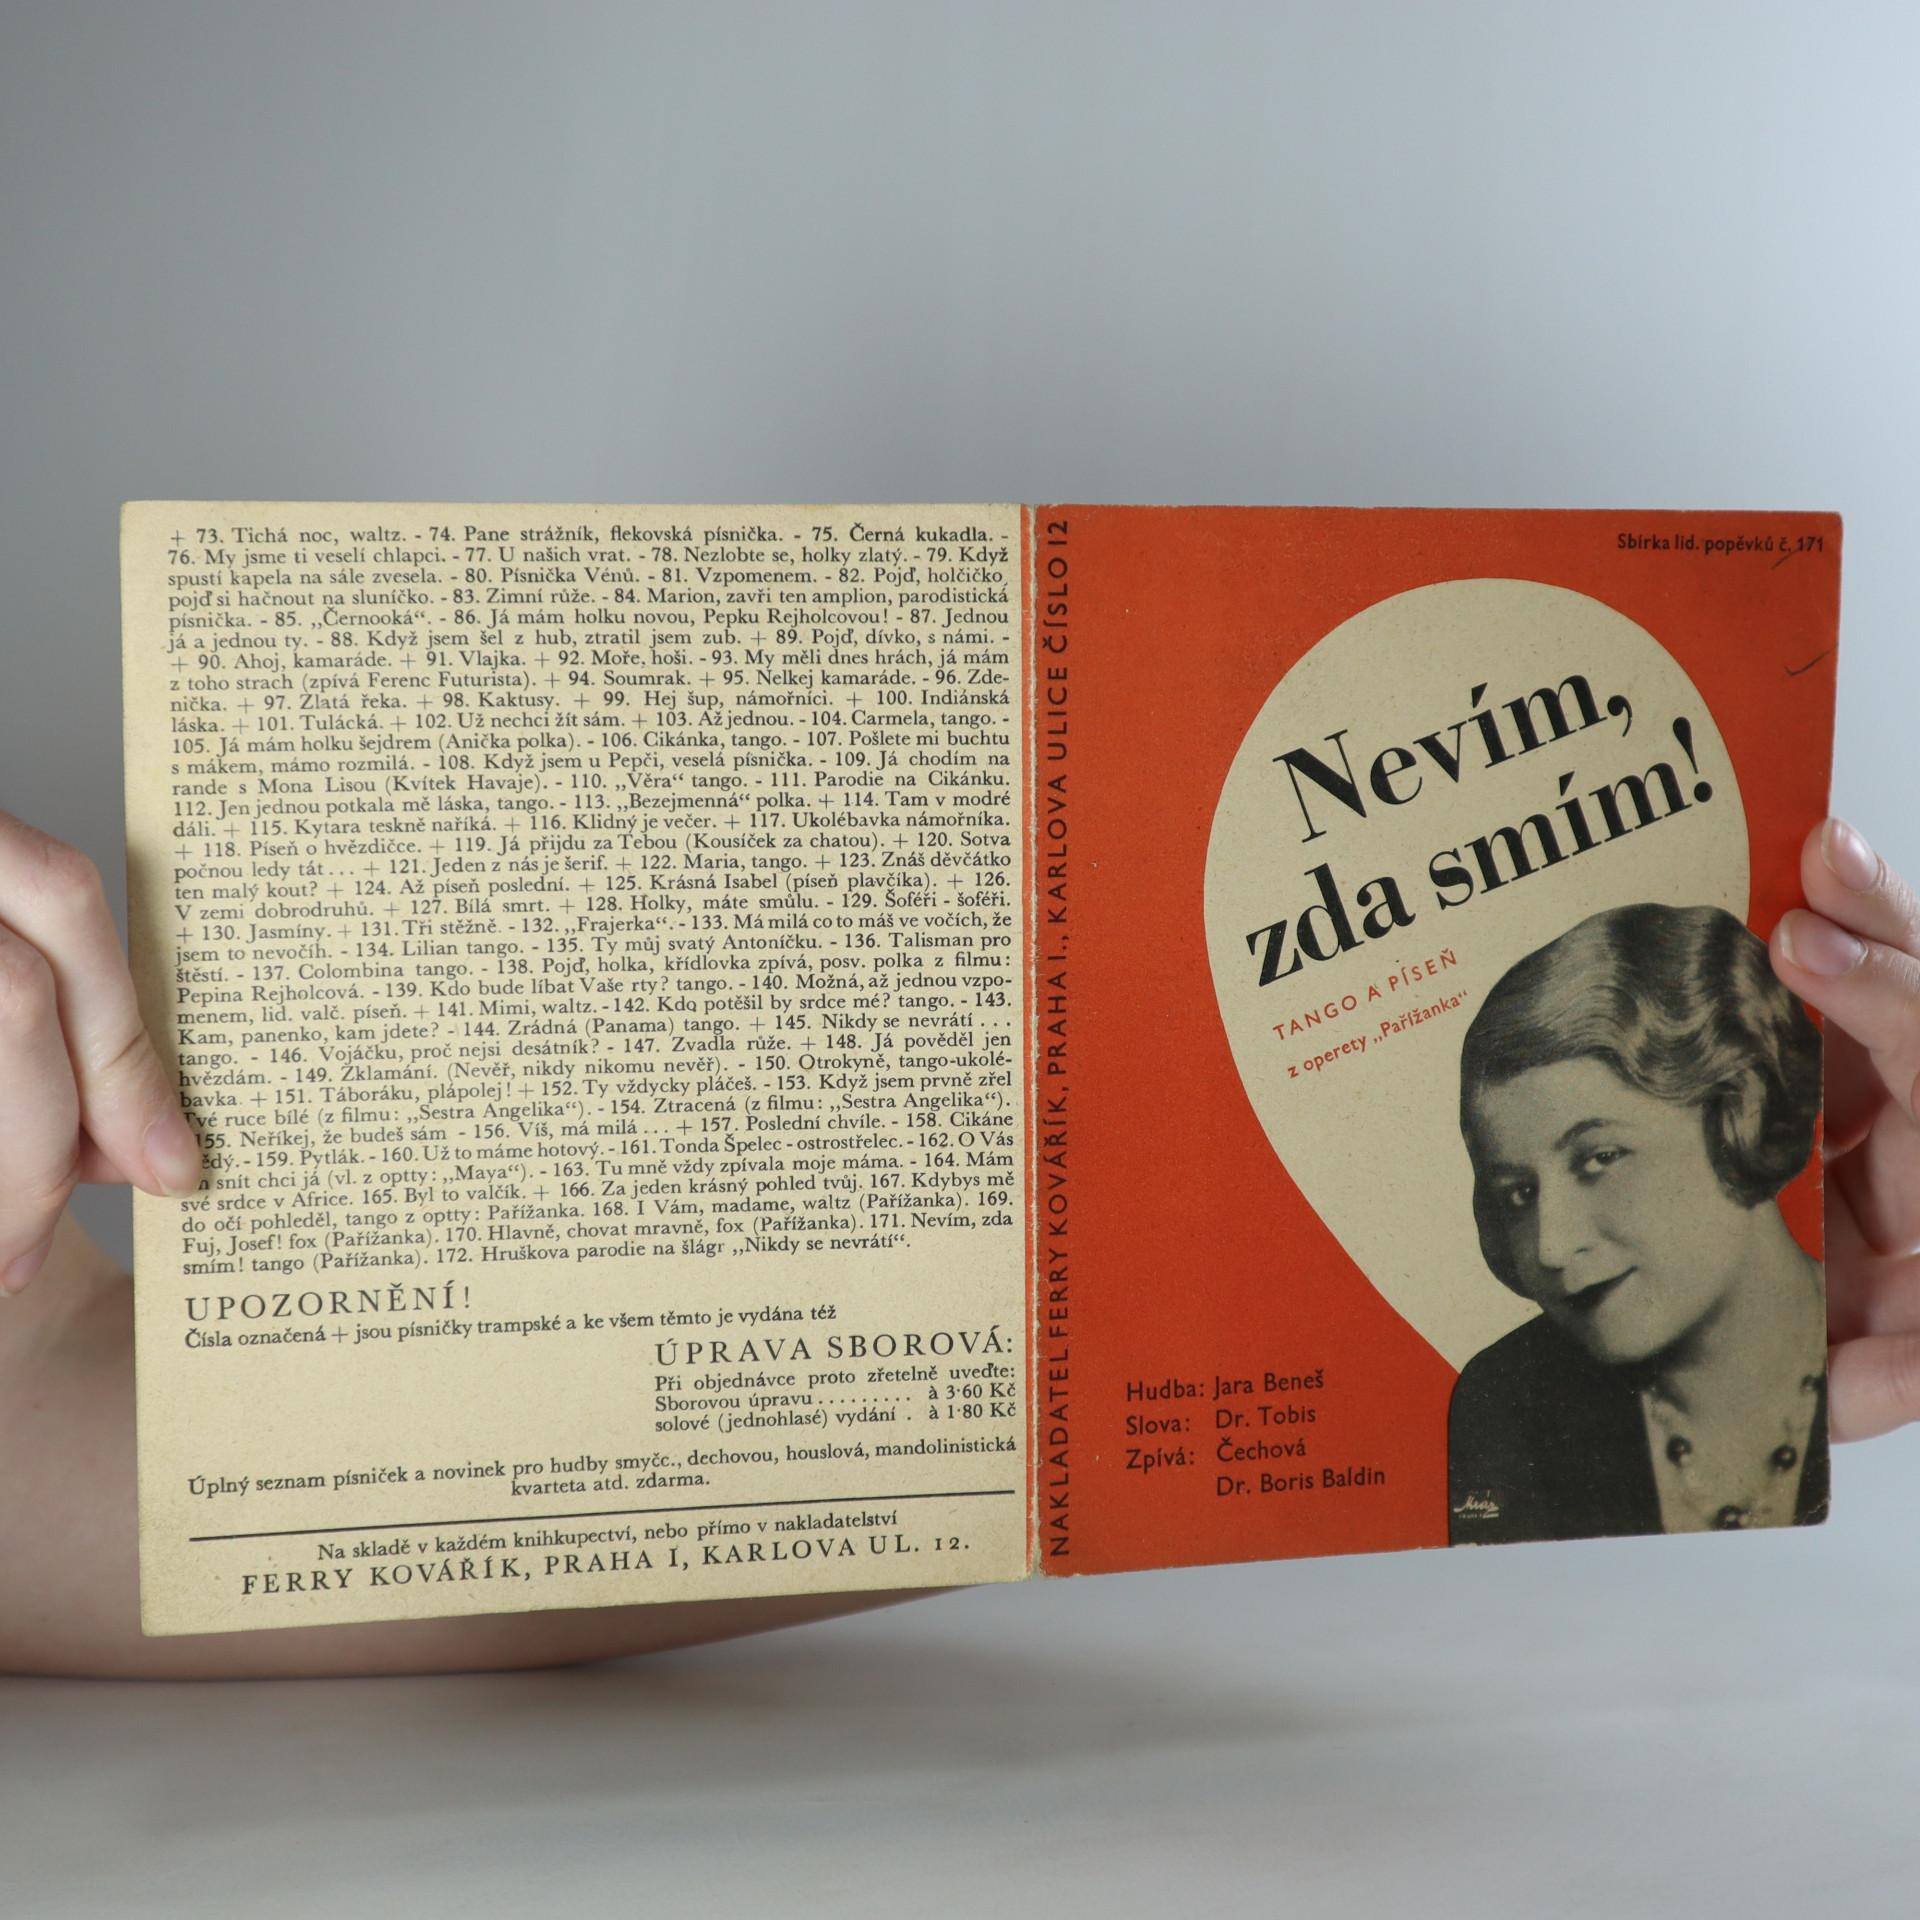 antikvární kniha Nevím, zda smím., 1933